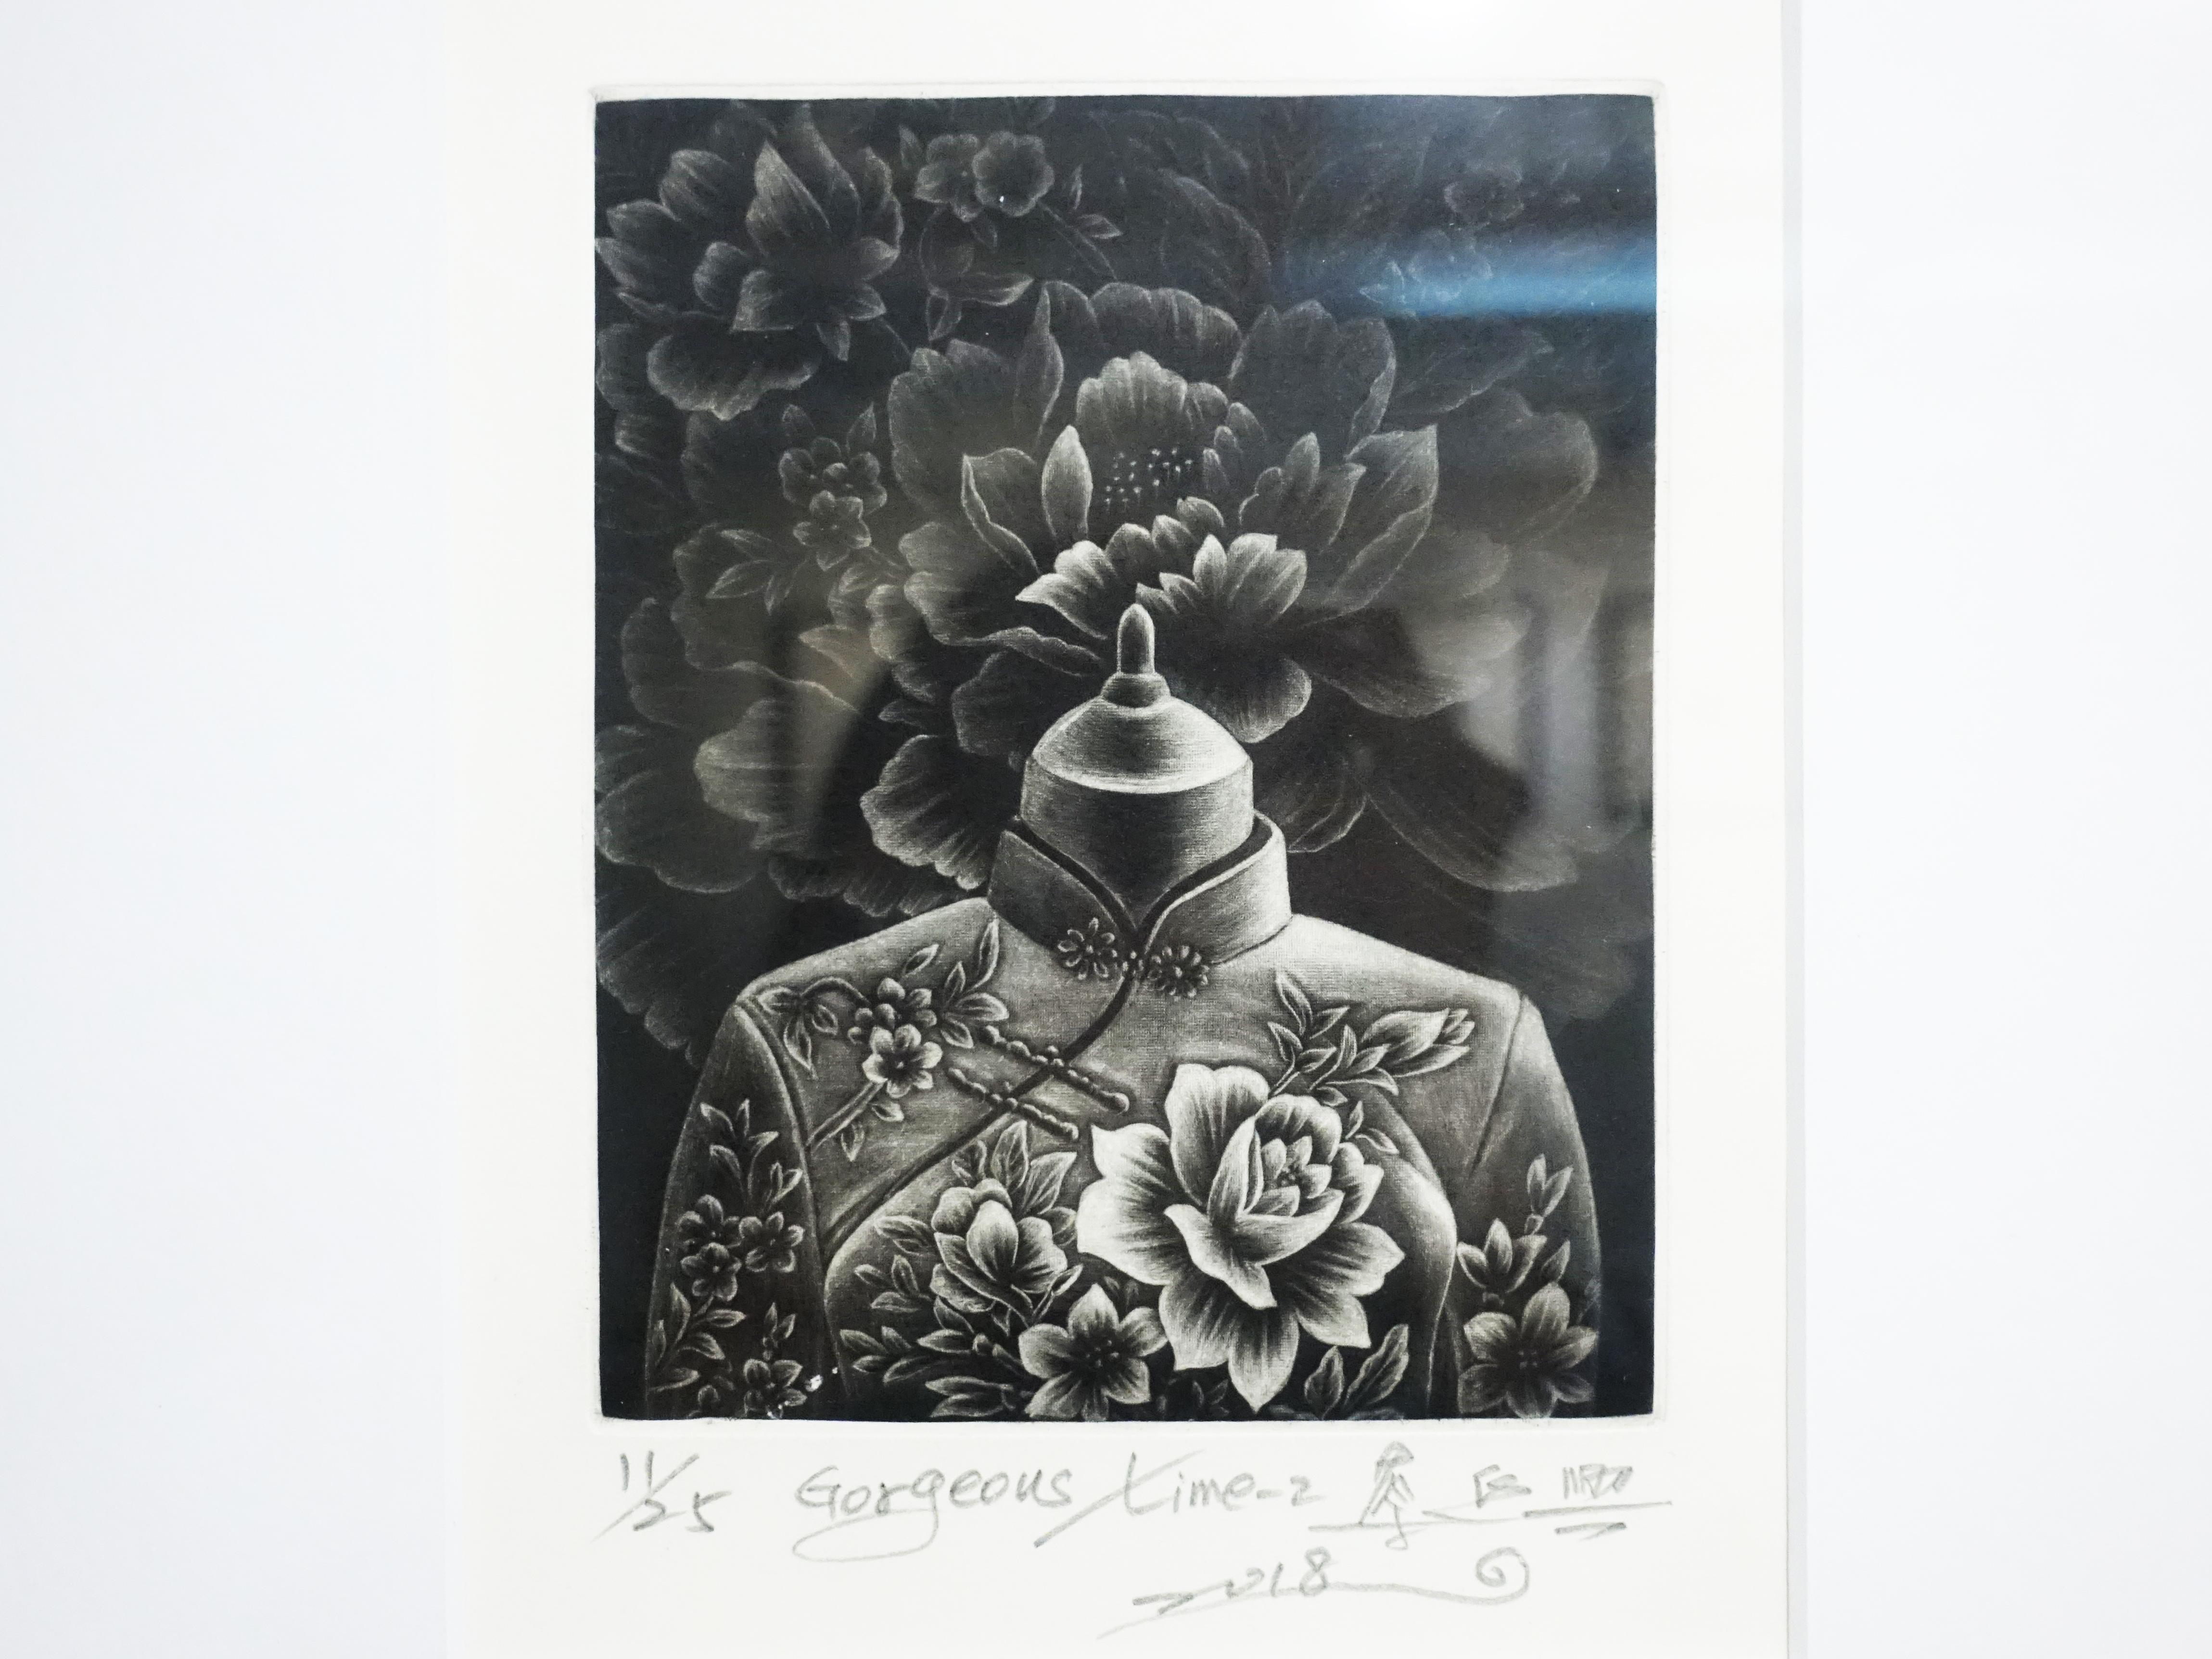 蔡進興,《Gorgeous Time - 2》細節,12 x 15 cm,美柔丁11/25,2018。